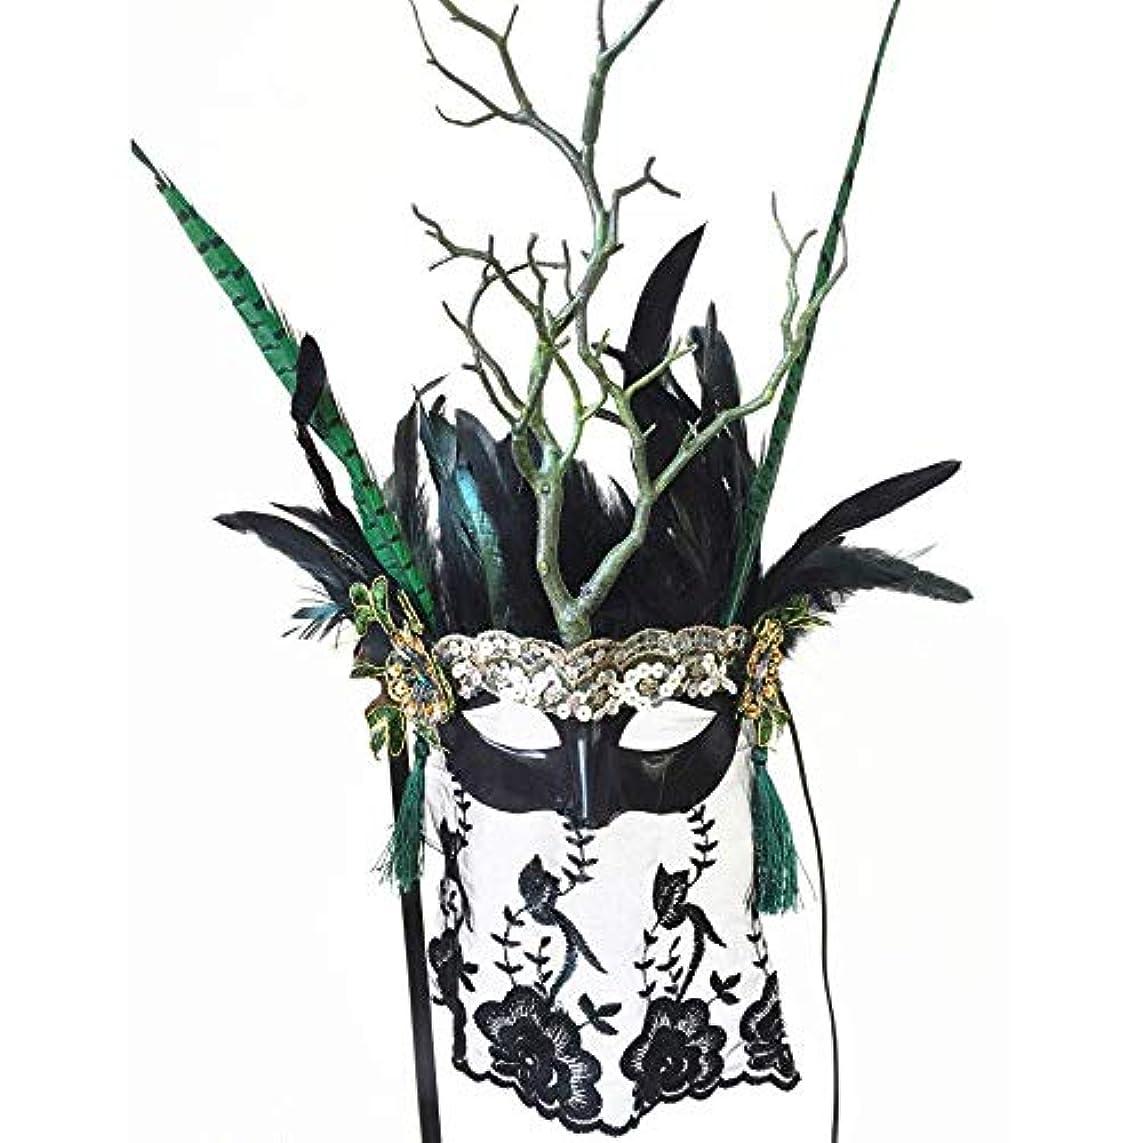 腐敗消毒する先住民Nanle ハロウィーンクリスマスドライブランチレースフェザースパンコールタッセルベールマスク仮装マスクレディミスプリンセス美しさの祭りパーティー装飾マスク (色 : Style A)